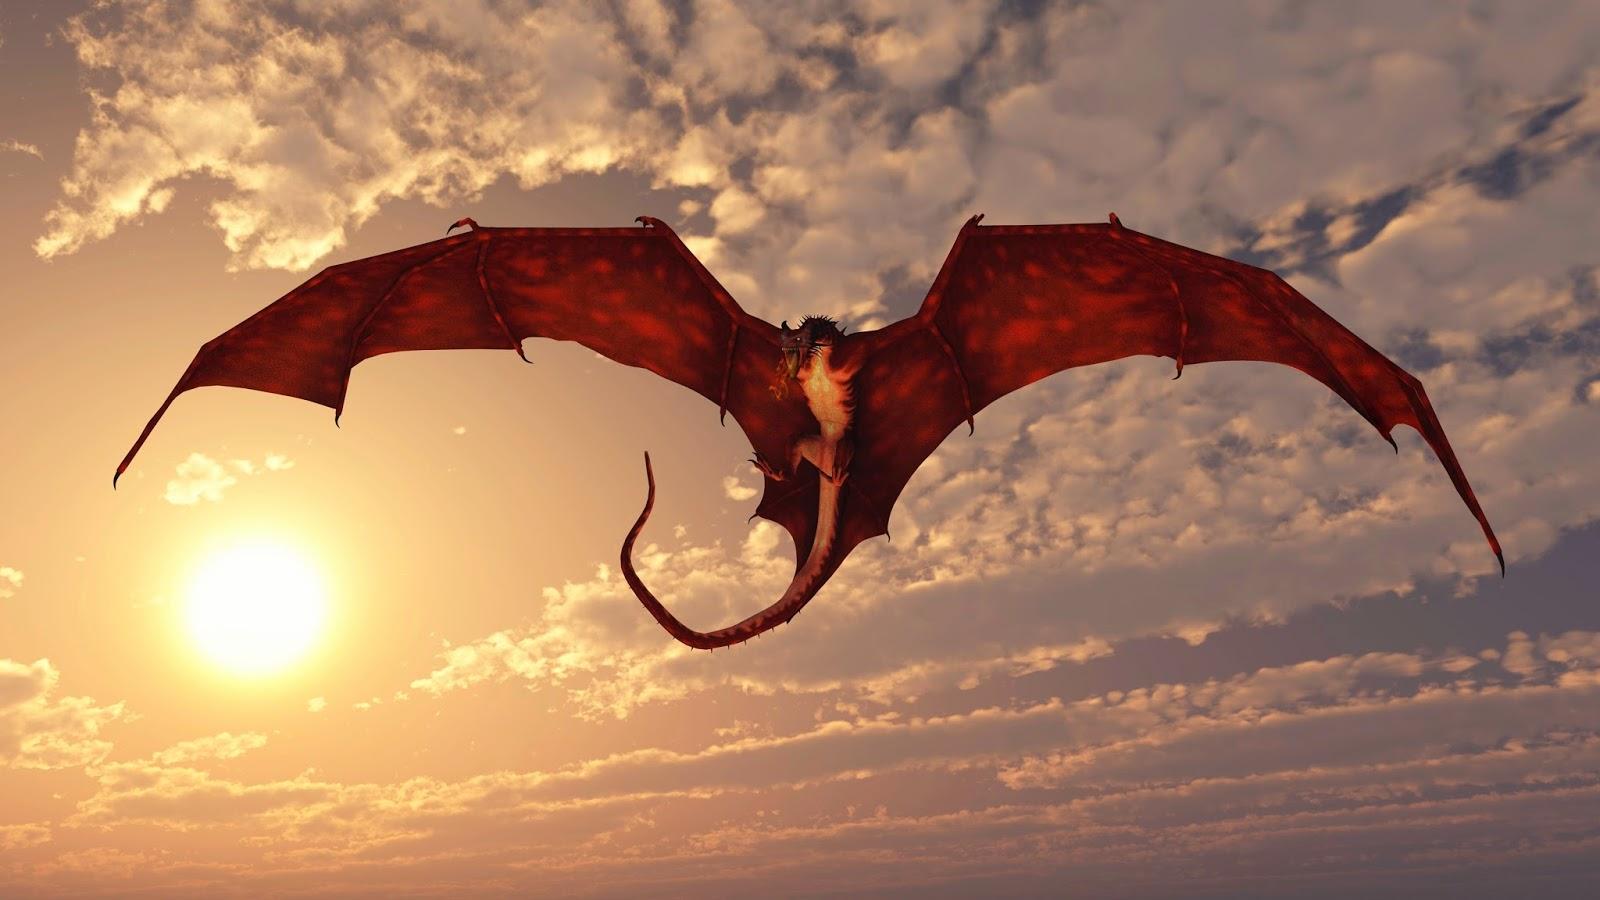 Flying Dragon: Always Speak Politely To An Enraged Dragon. ~Steven Brust